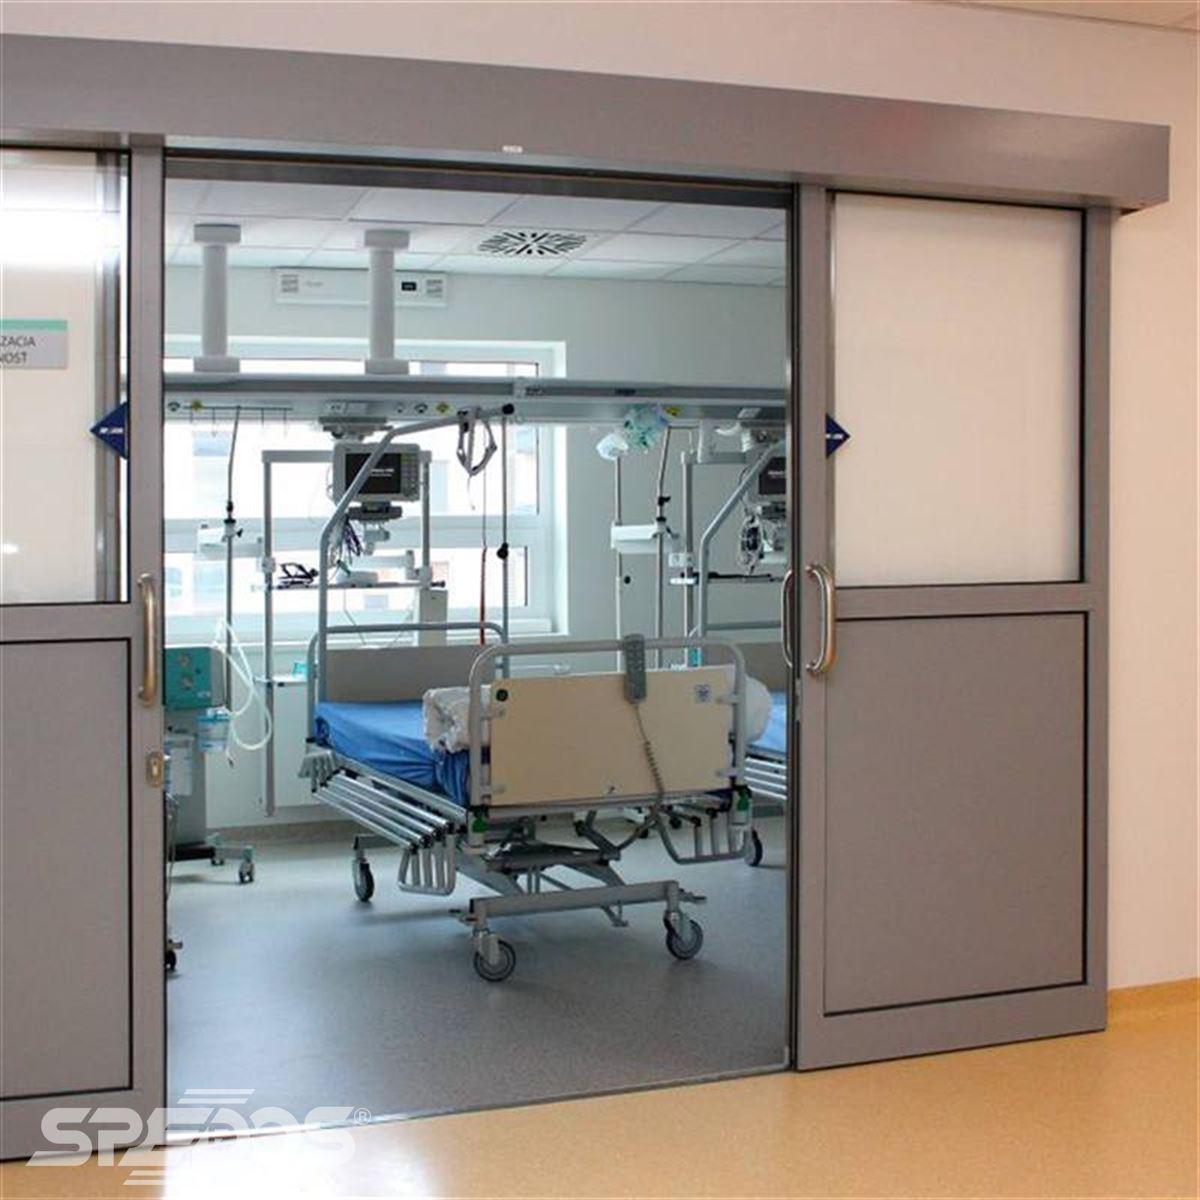 Dvoukřídlé automatické posuvné dveře pro nemocnici sv. Michala 7